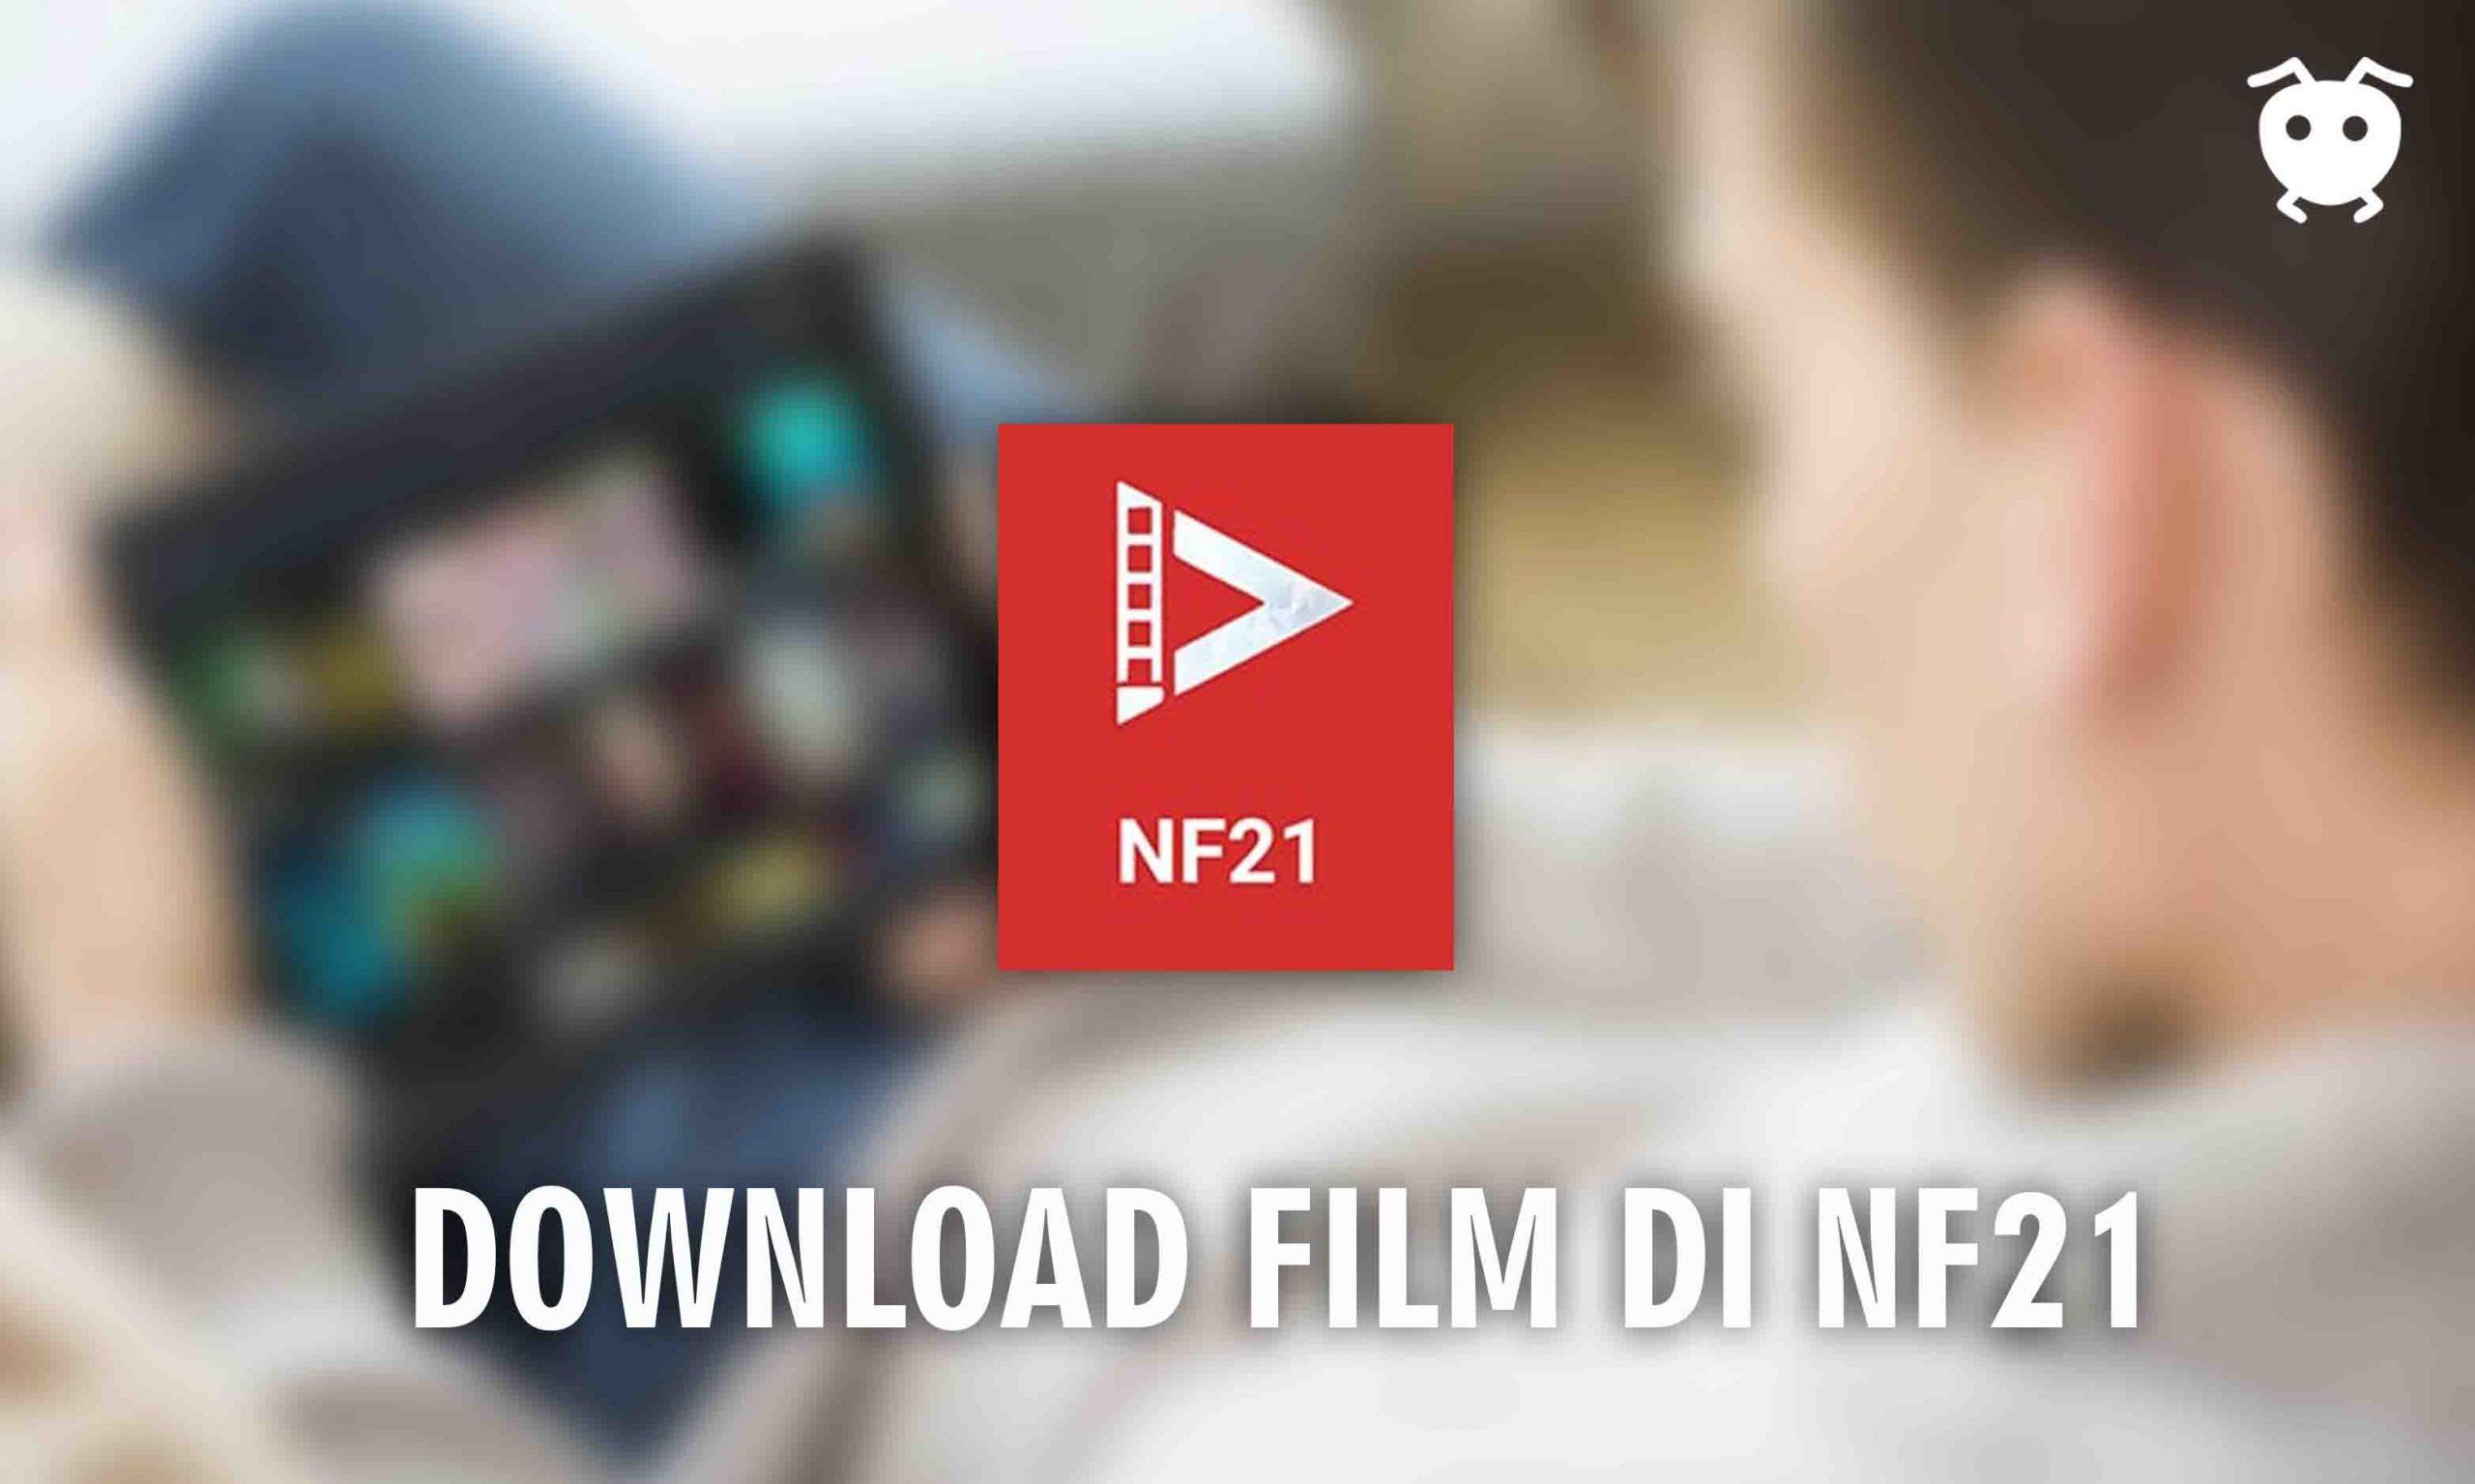 Download Film di NF21